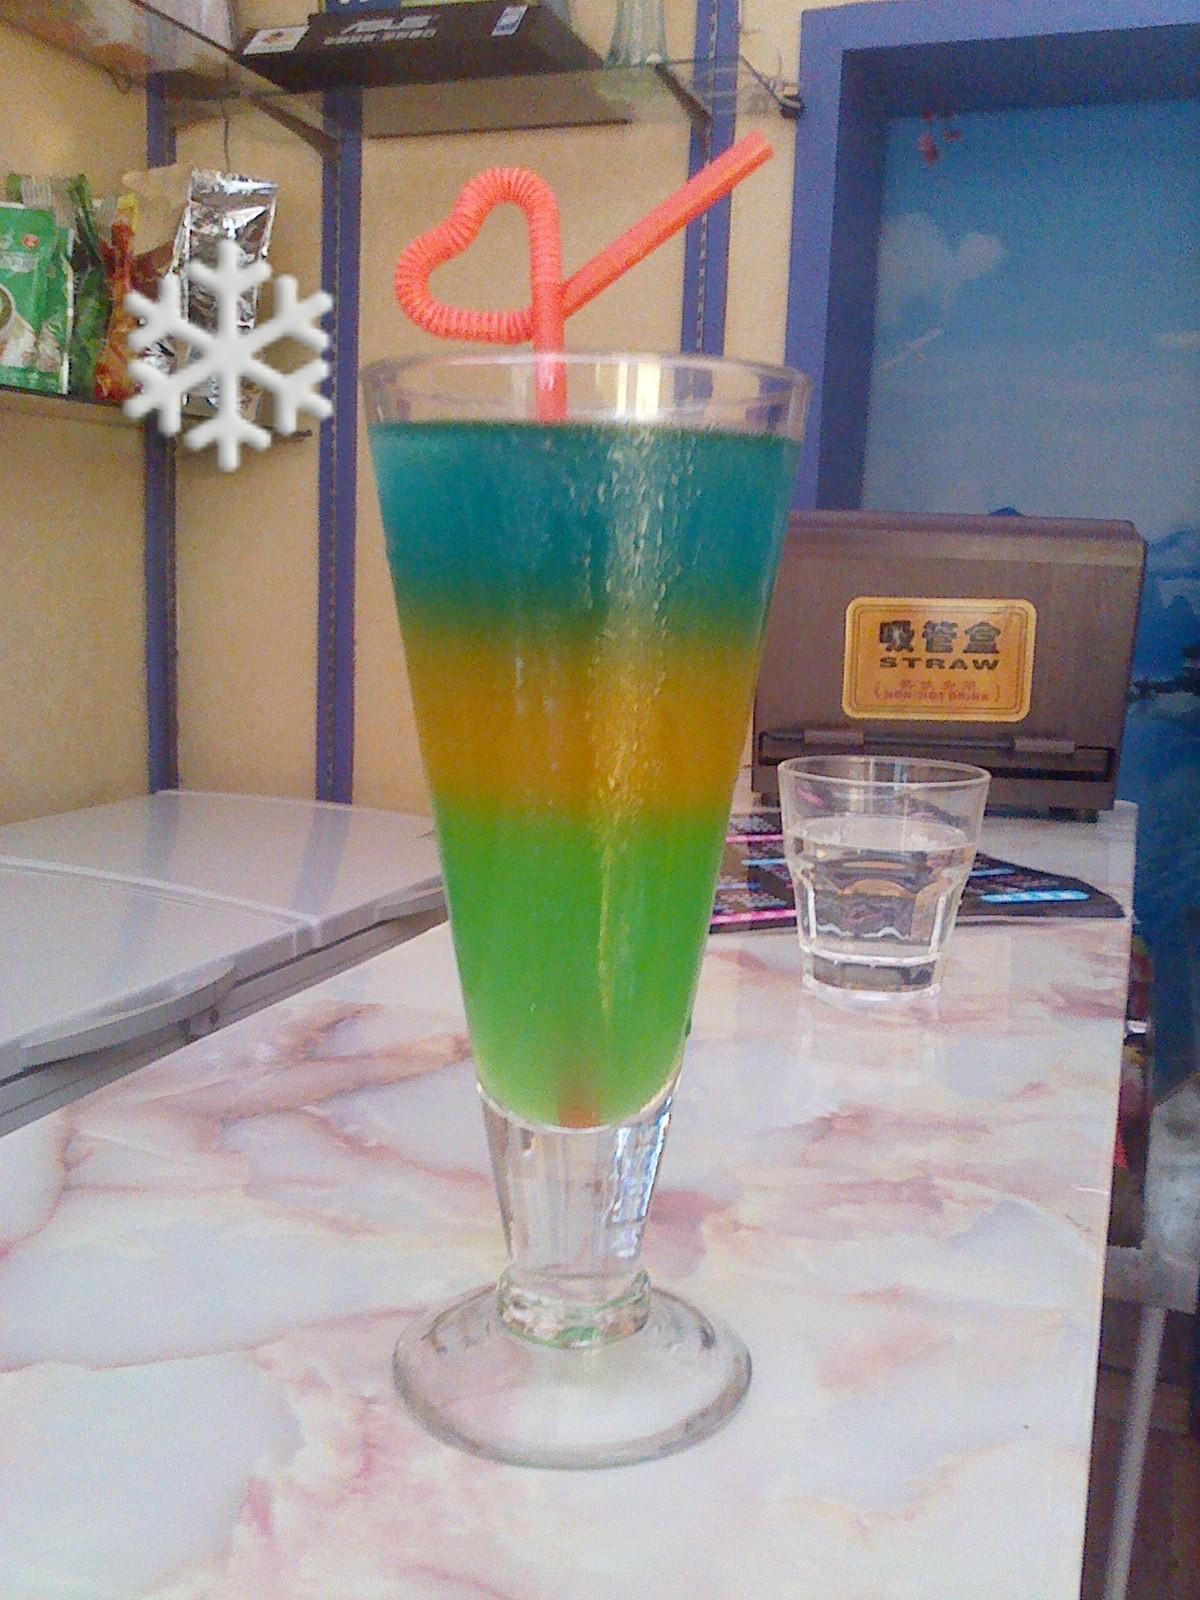 三色果汁_这杯三色分层果汁饮料肿么样?求围观,求评论啊!